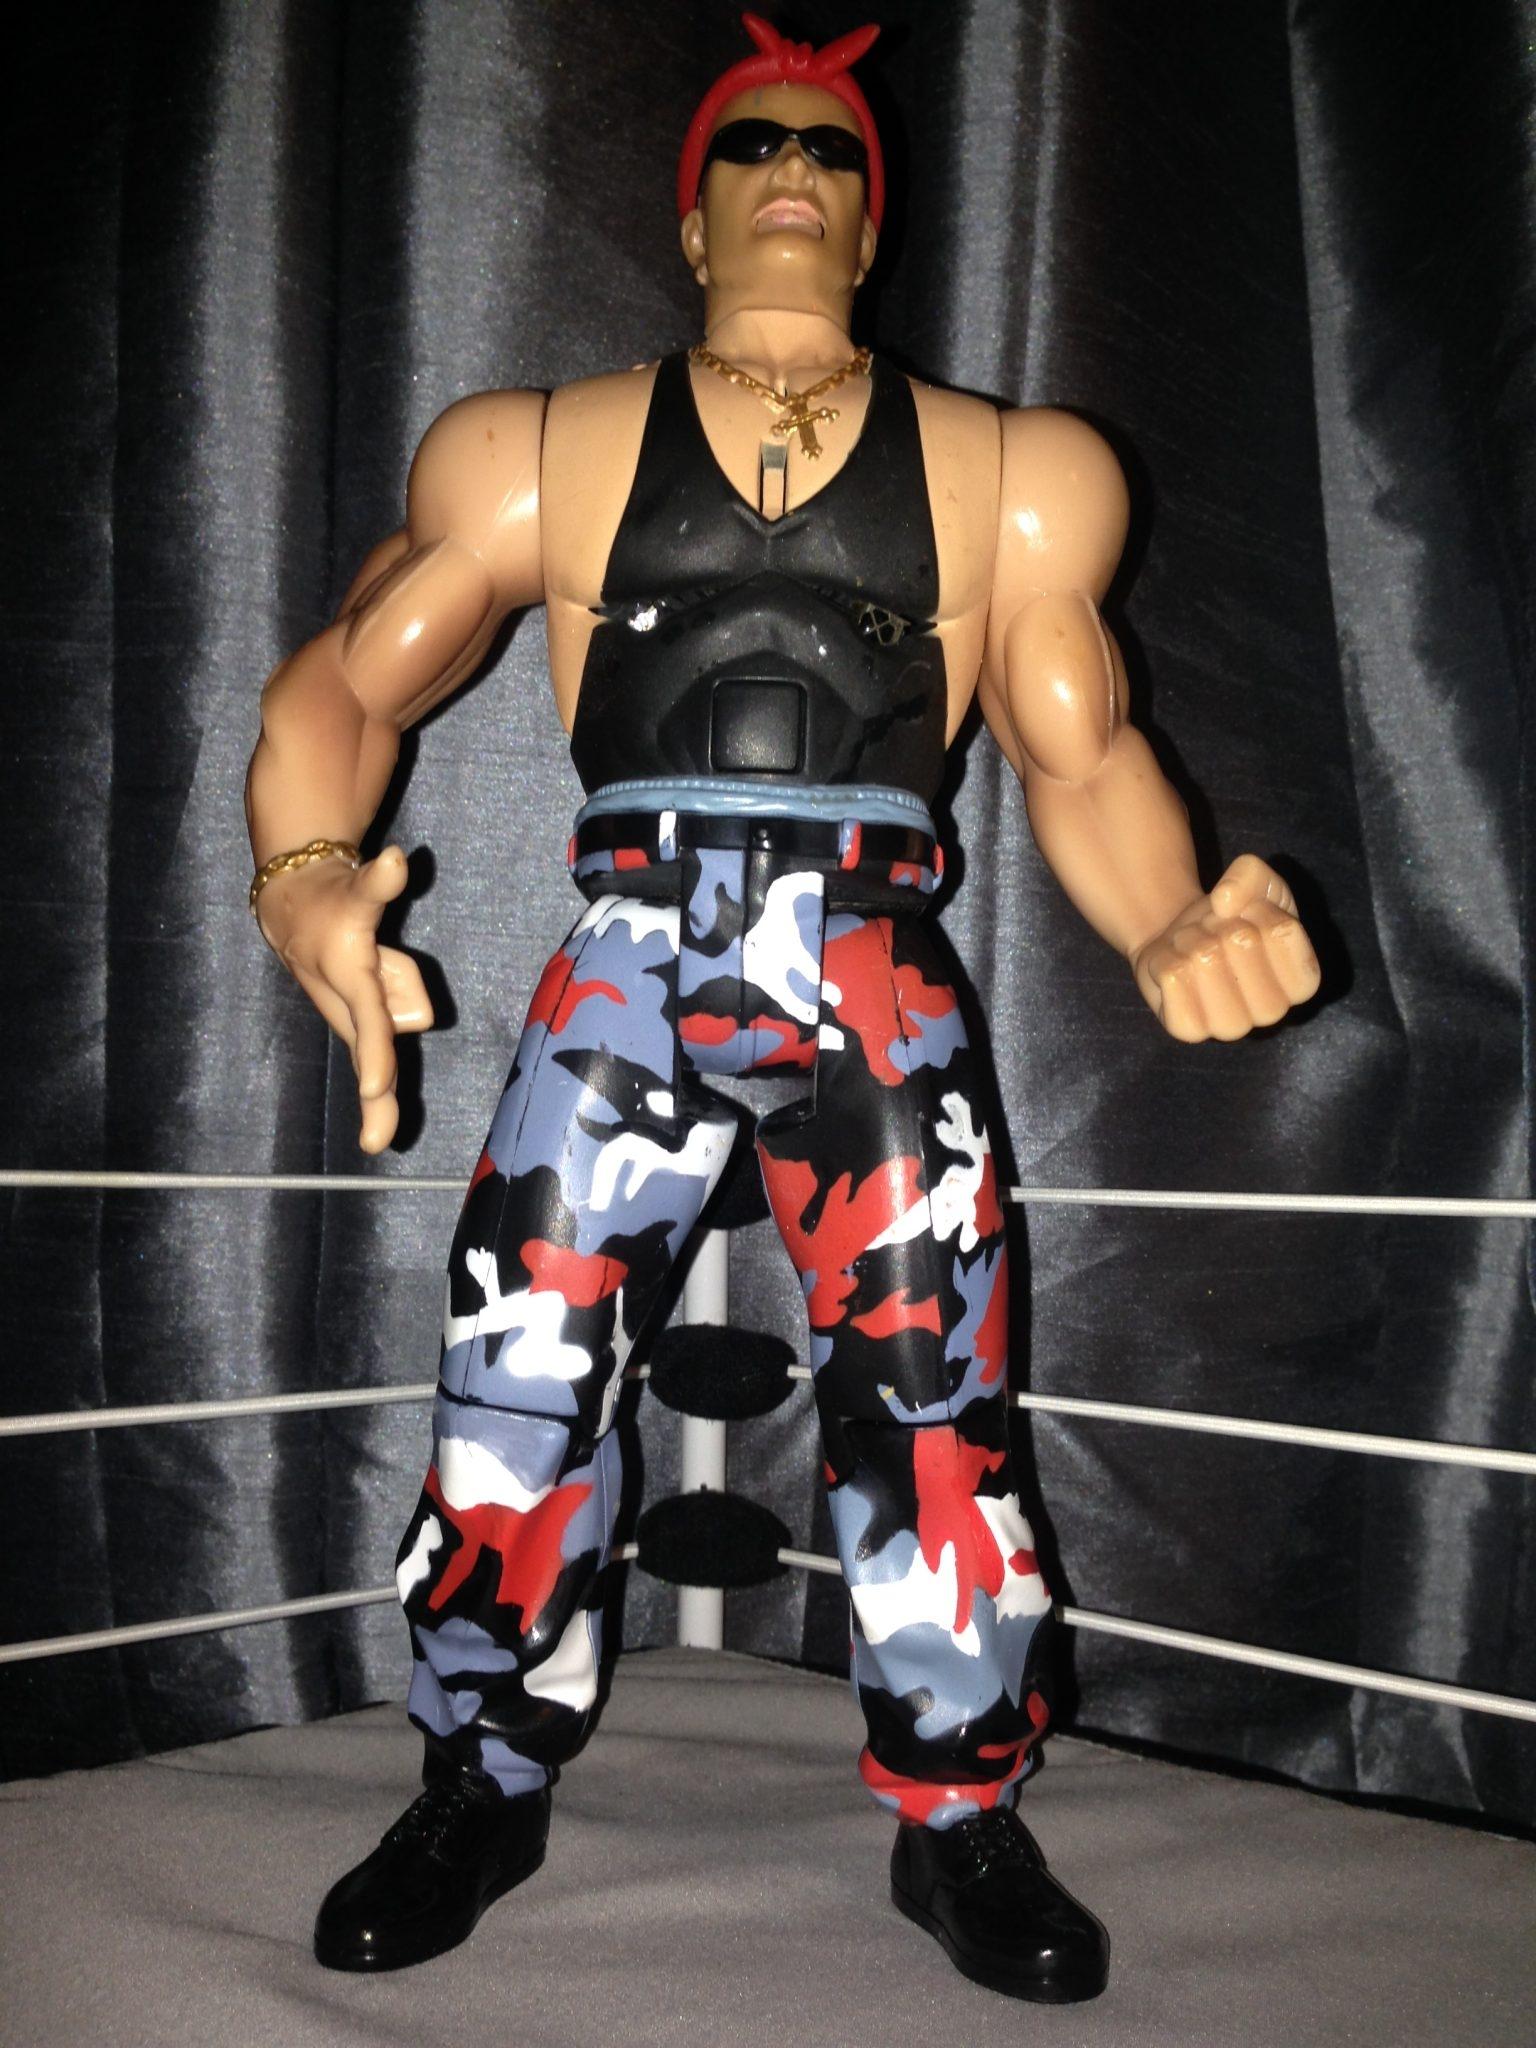 Konan Wrestler Wwwtollebildcom